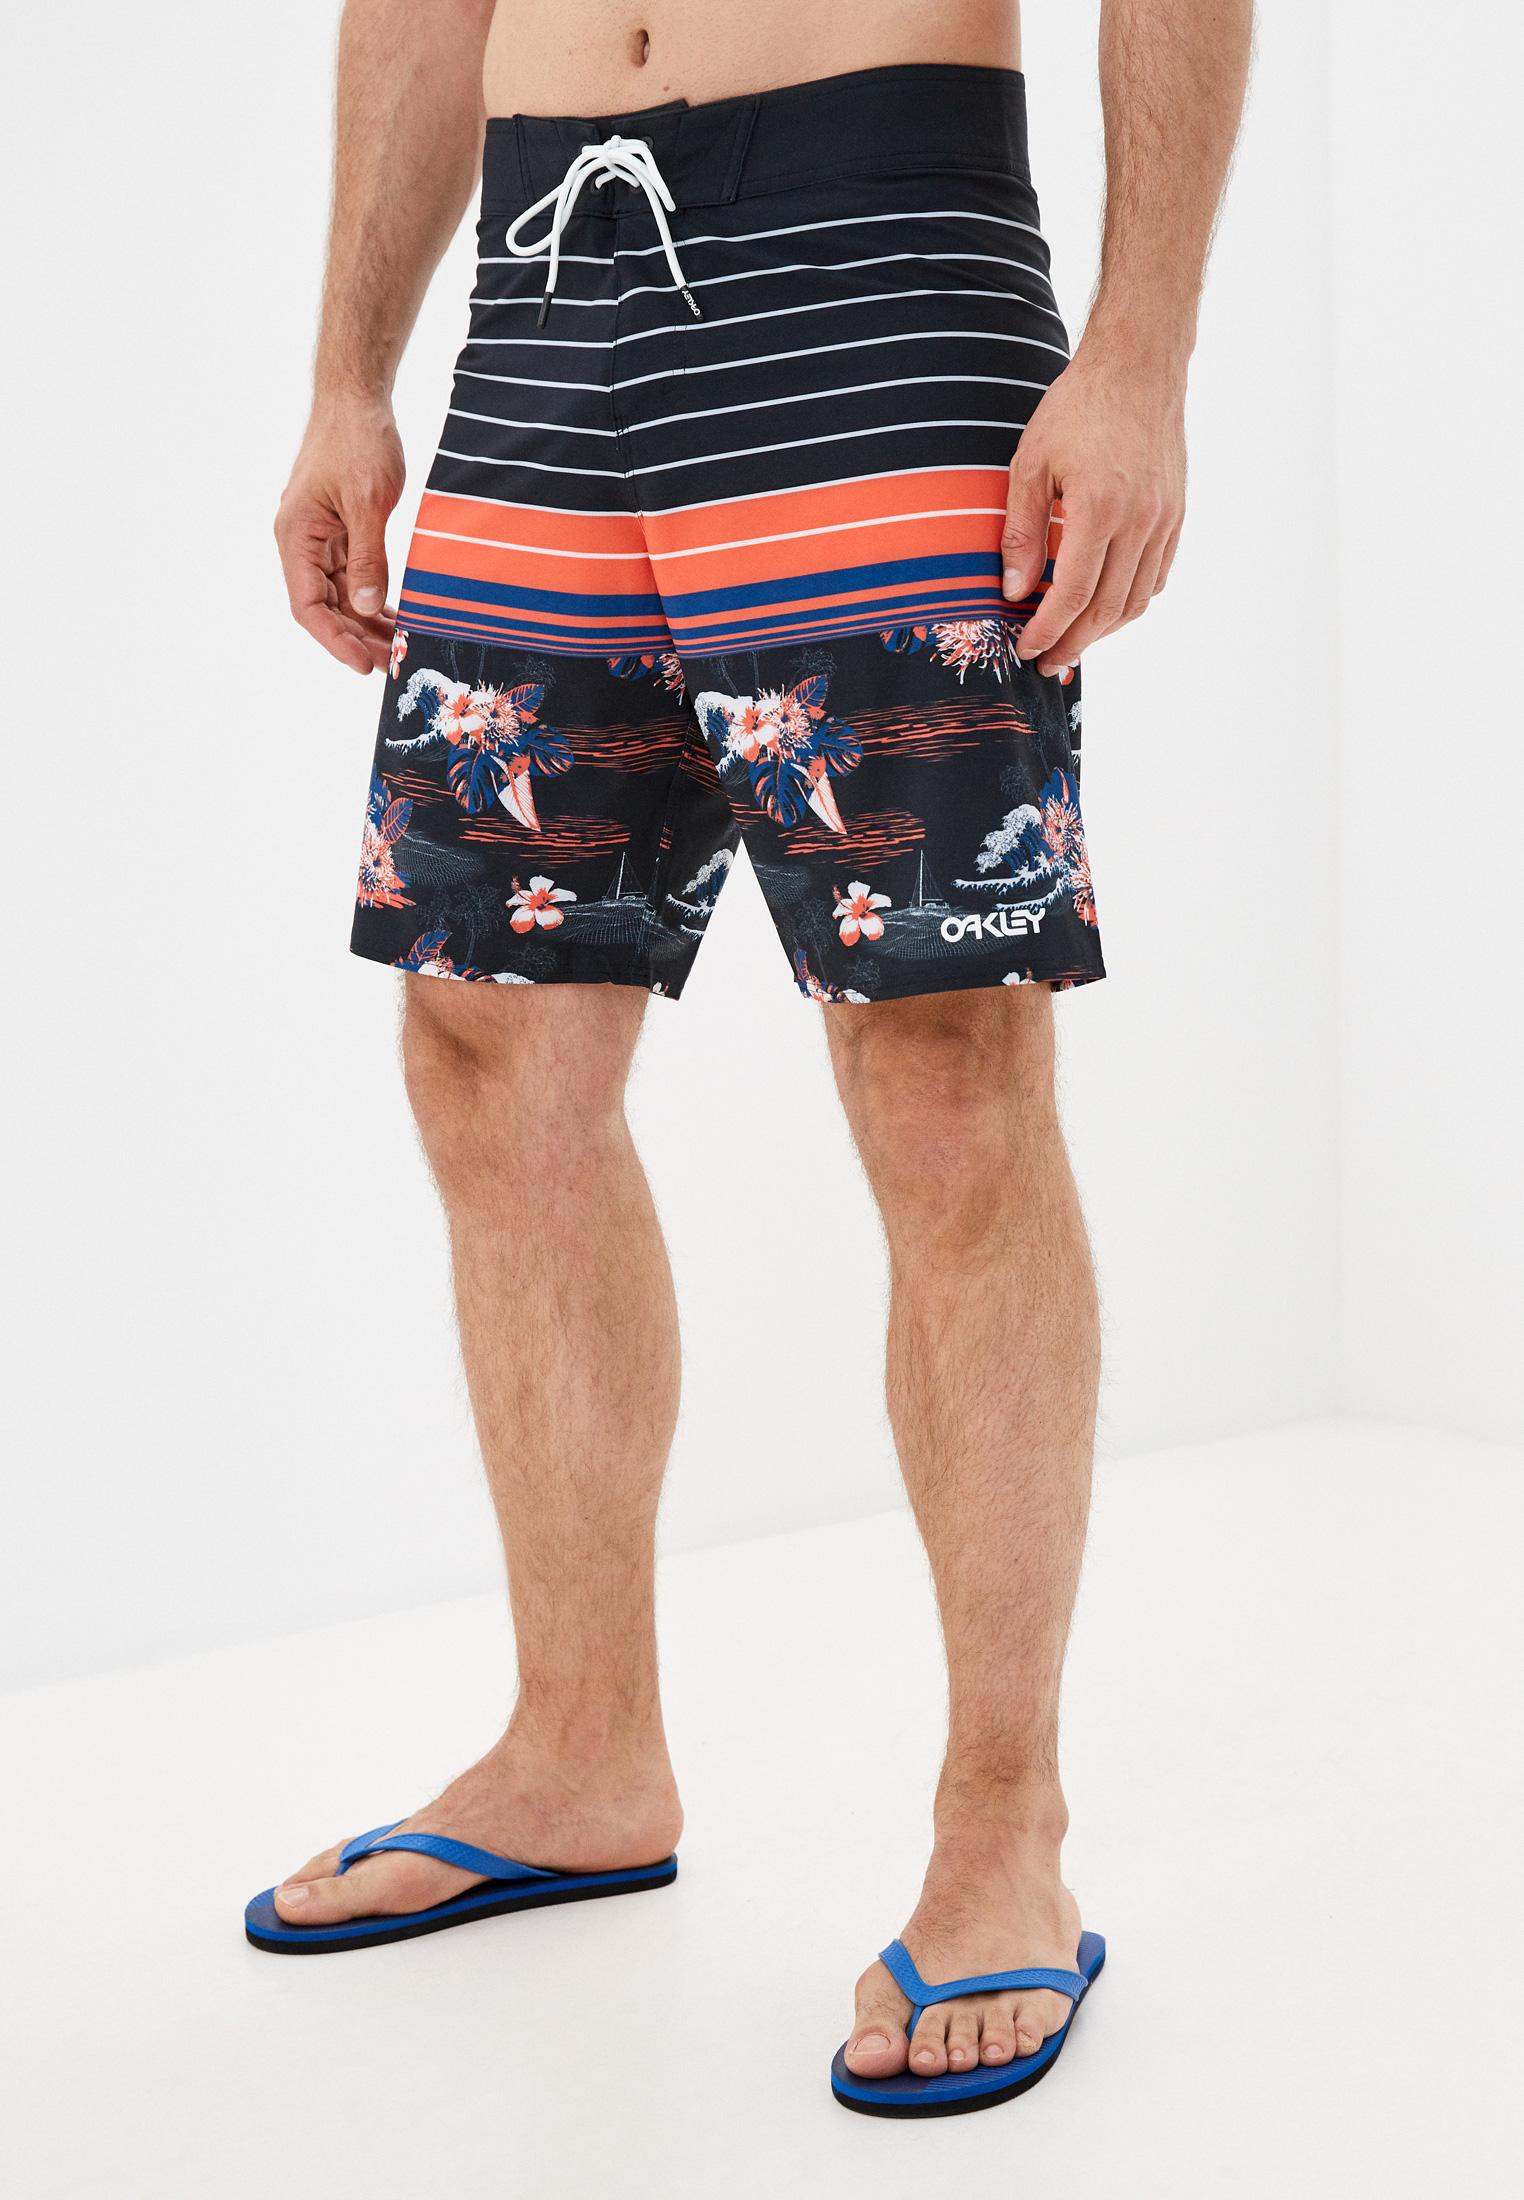 Мужские шорты для плавания Oakley (Оаклей) Шорты для плавания Oakley